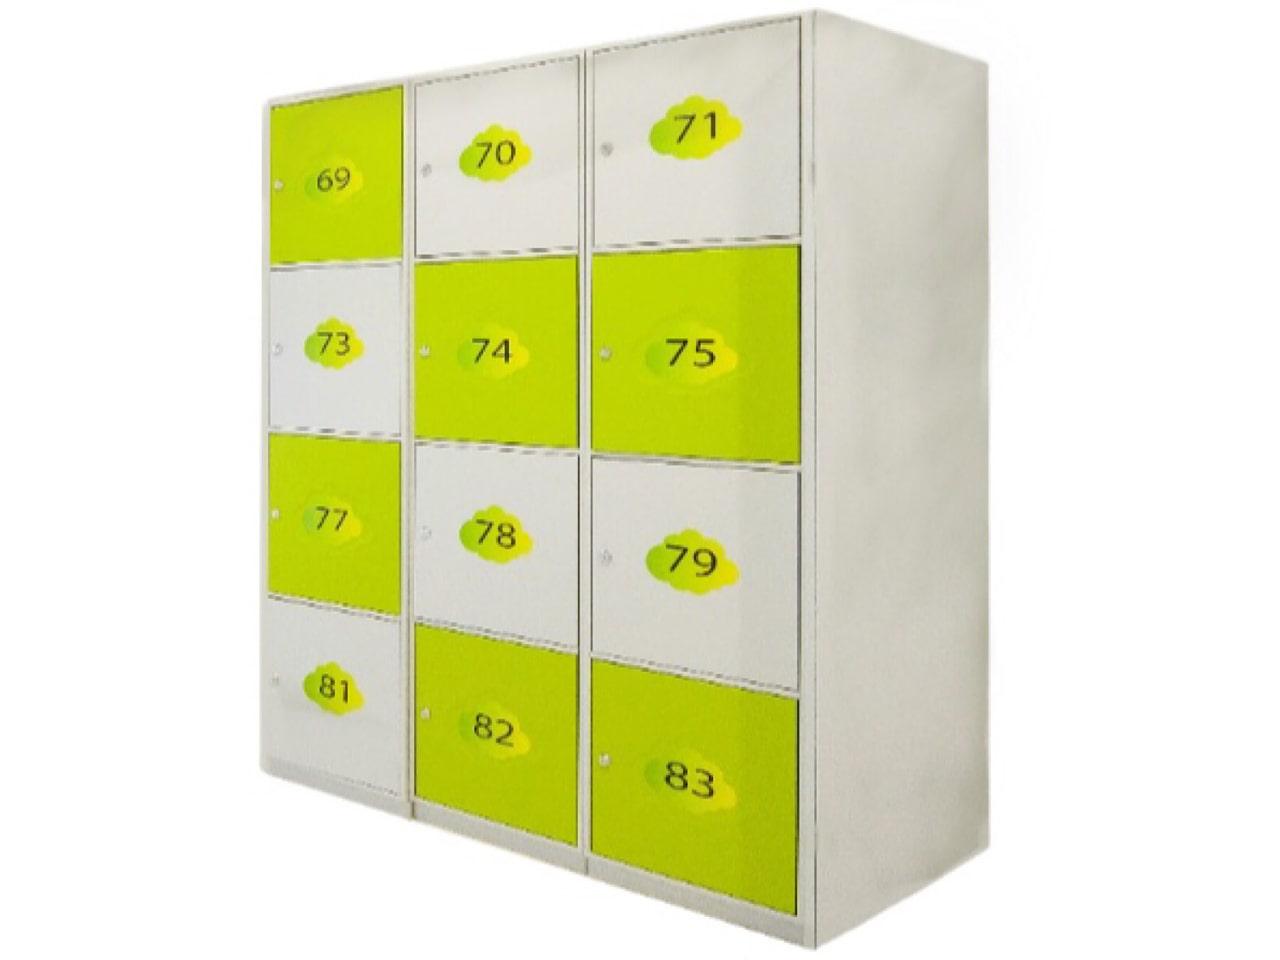 Клиентский шкаф для хранения